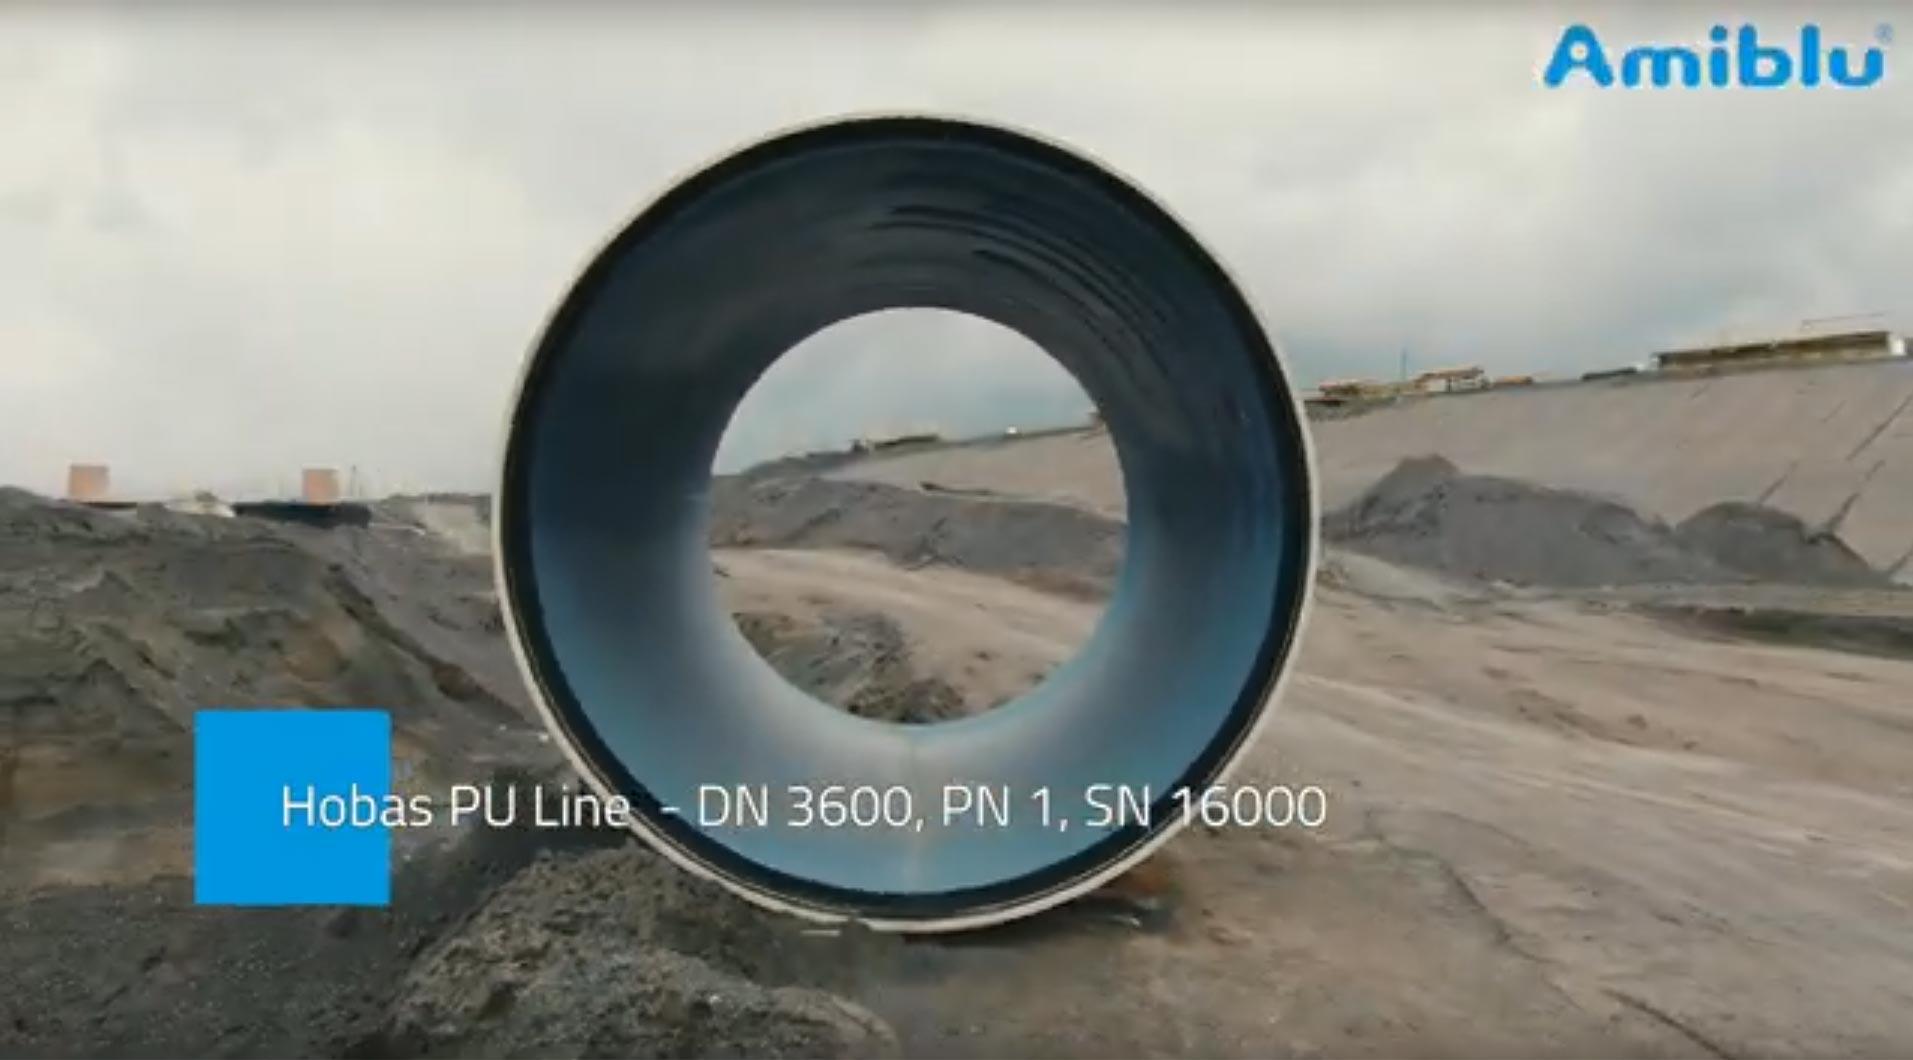 Hobas PU Line DN 3600 DE 1913x1060